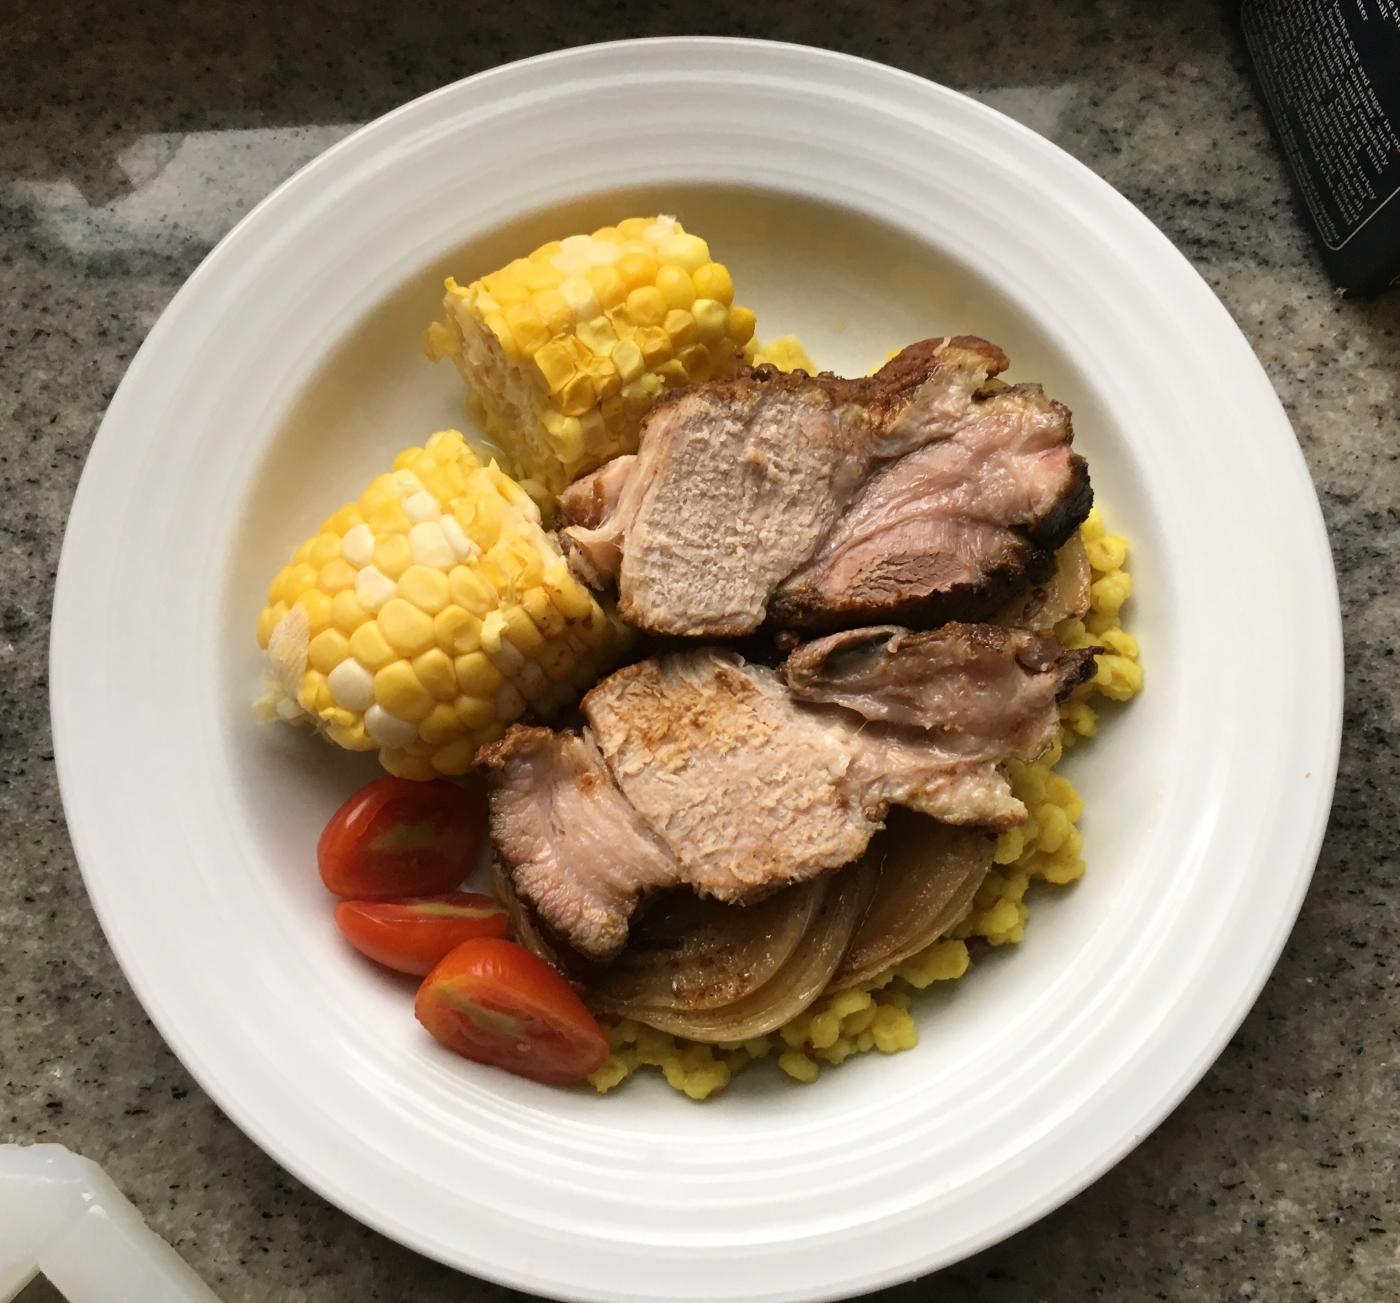 BBQ slow cooked pork shoulder dinner